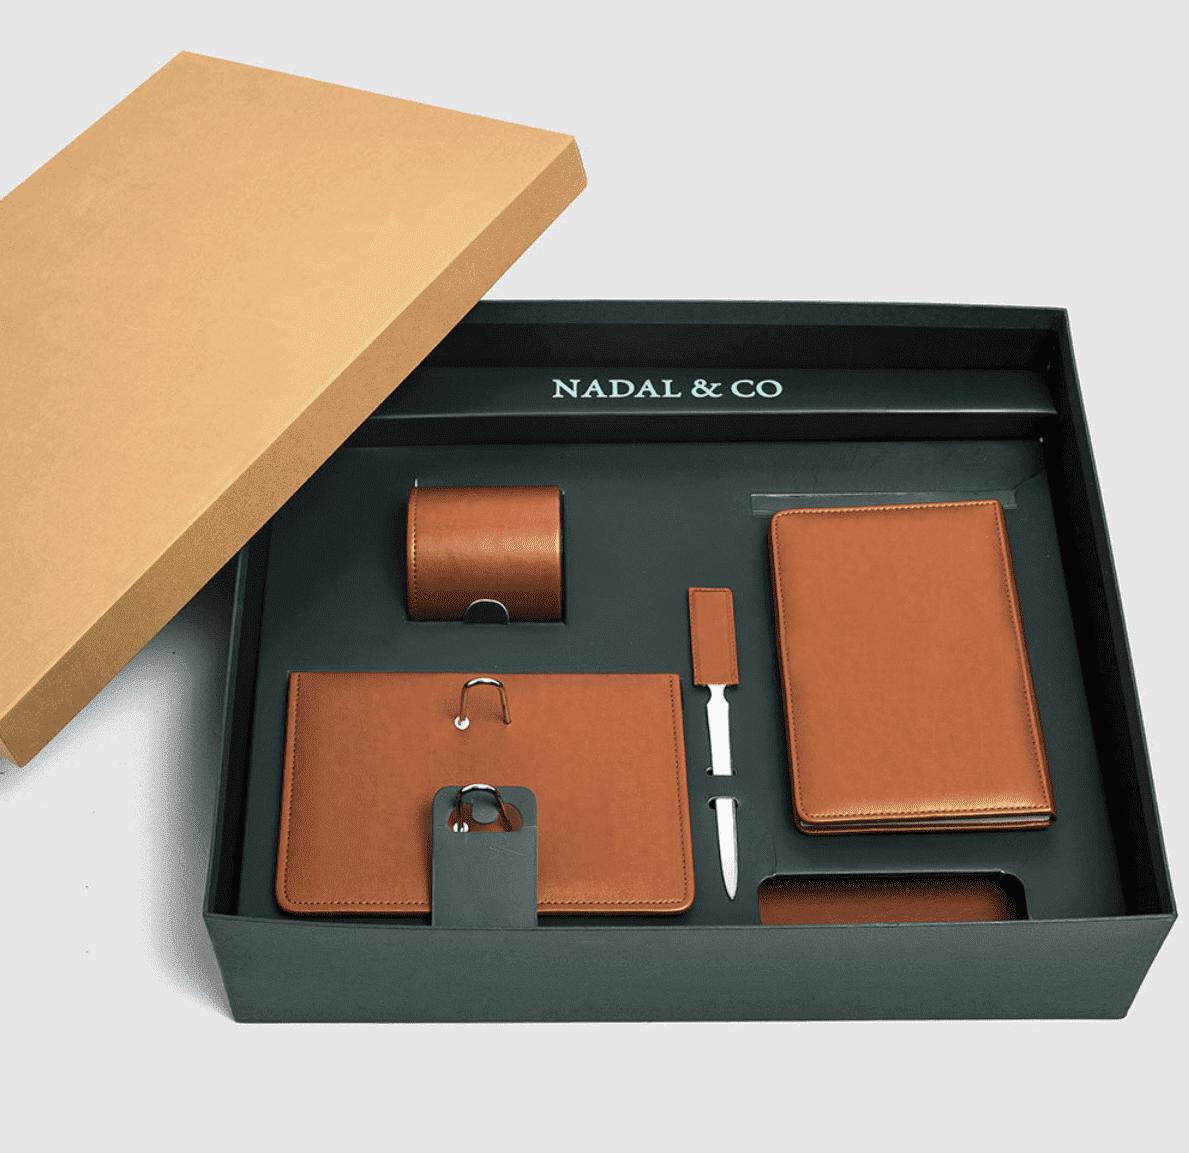 Vades para hacer regalos sorprendentes. Accesorios hechos en piel en España.